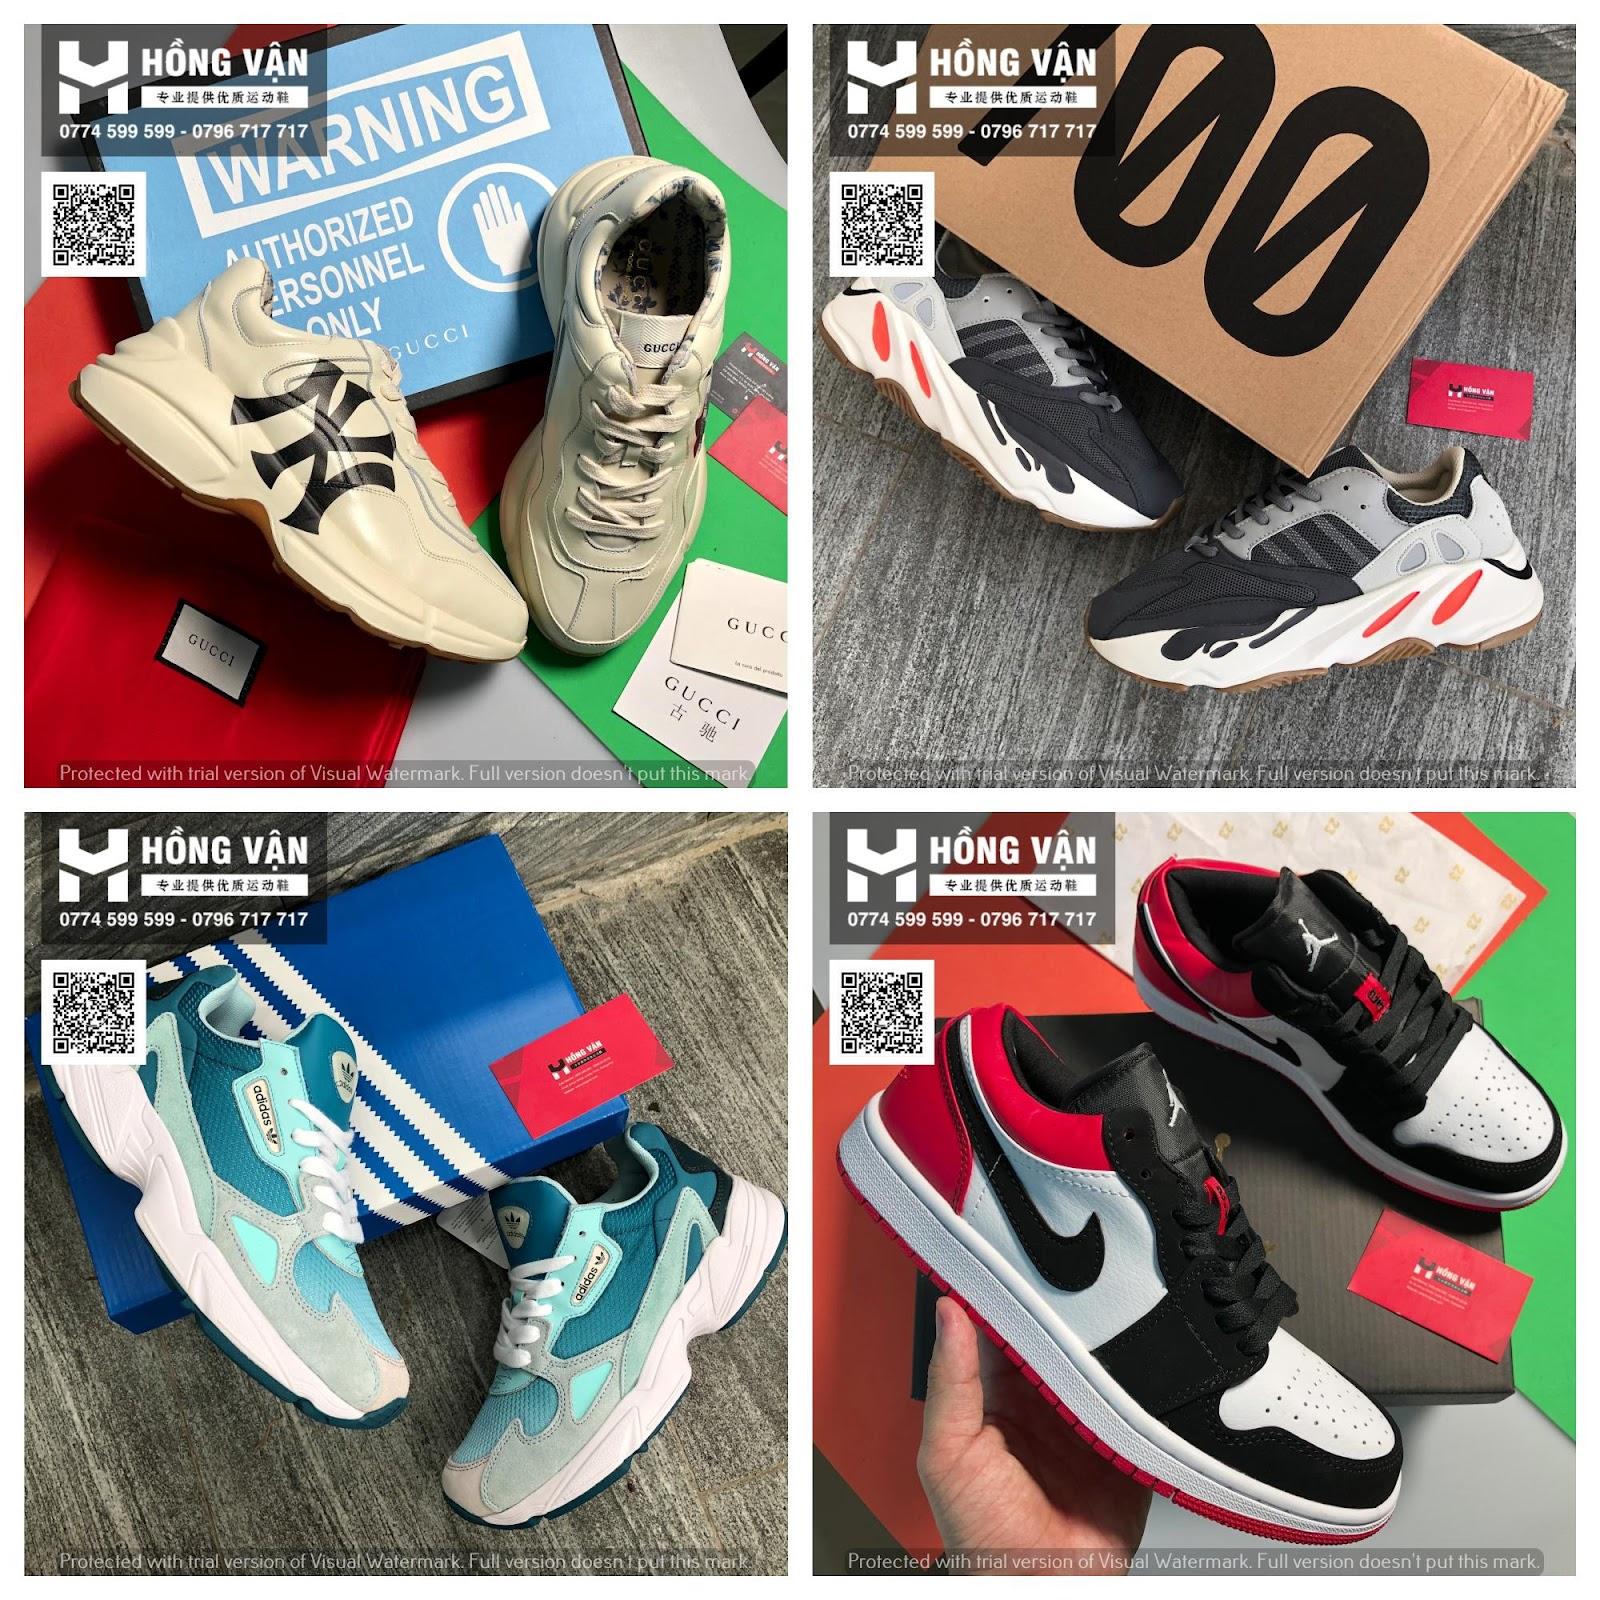 Hồng Vận - Tổng buôn sỉ giày thể thao chất lượng , uy tín ( hình thật - 2